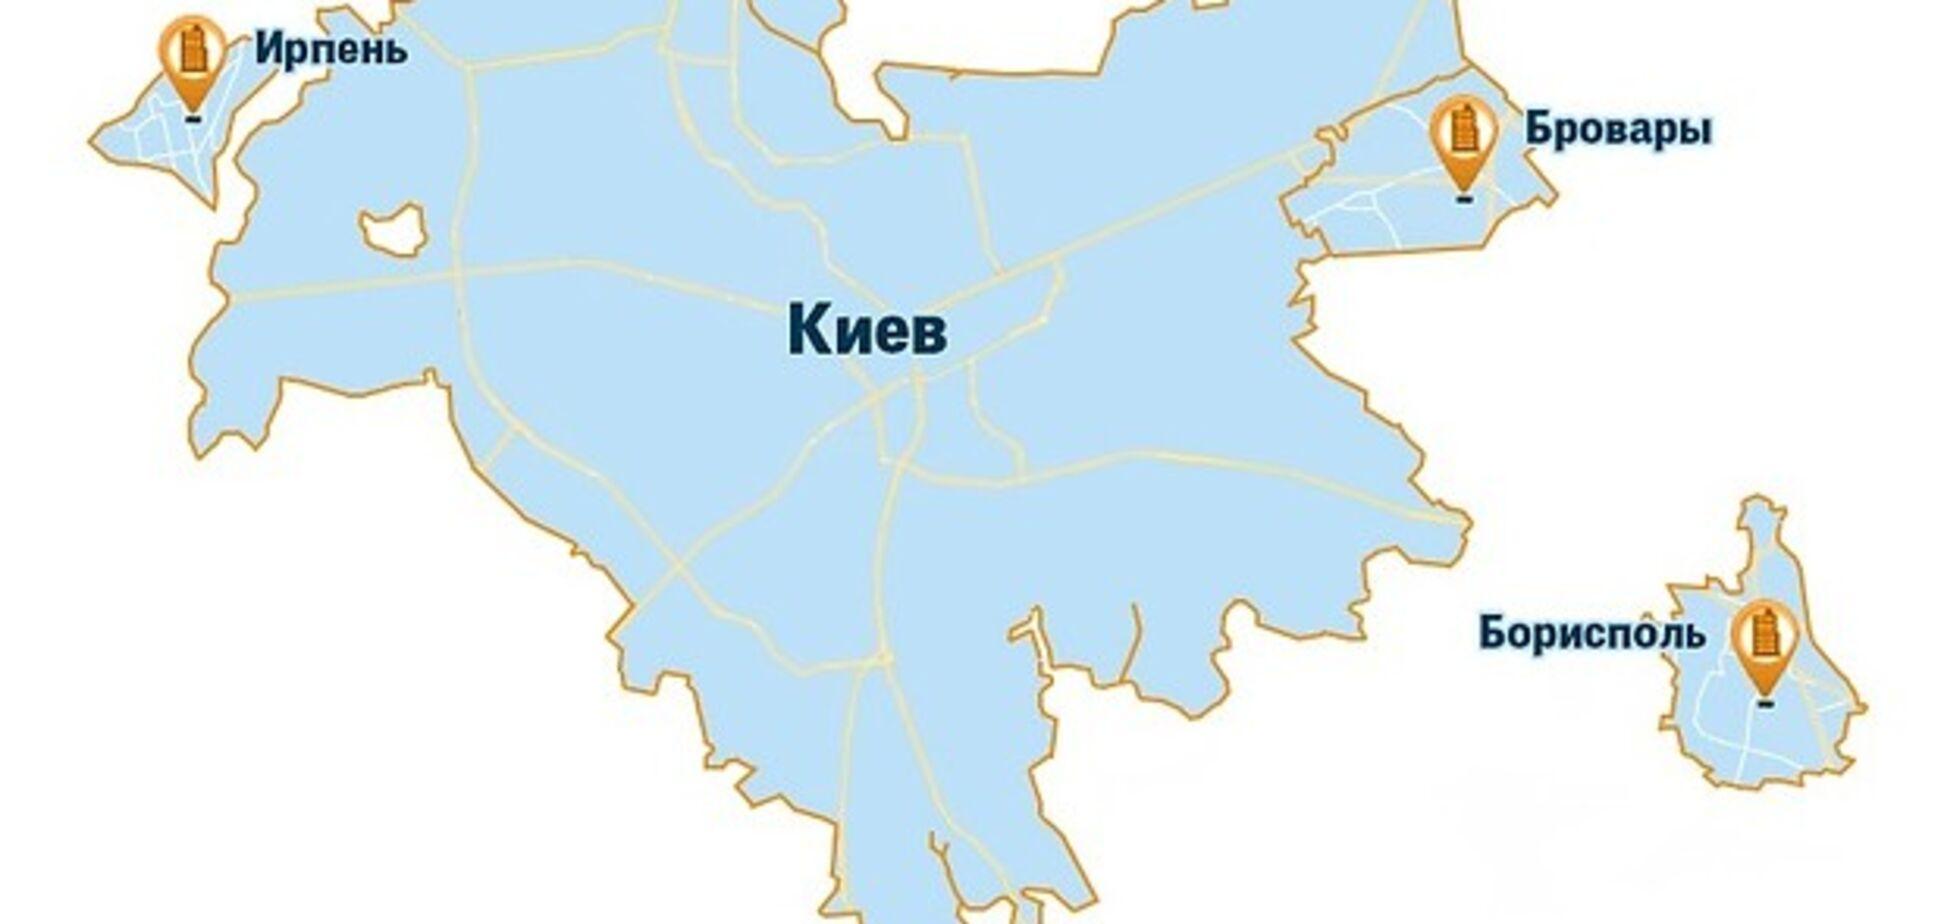 Застройщики врут? Что уготовано жителям пригородов Киева